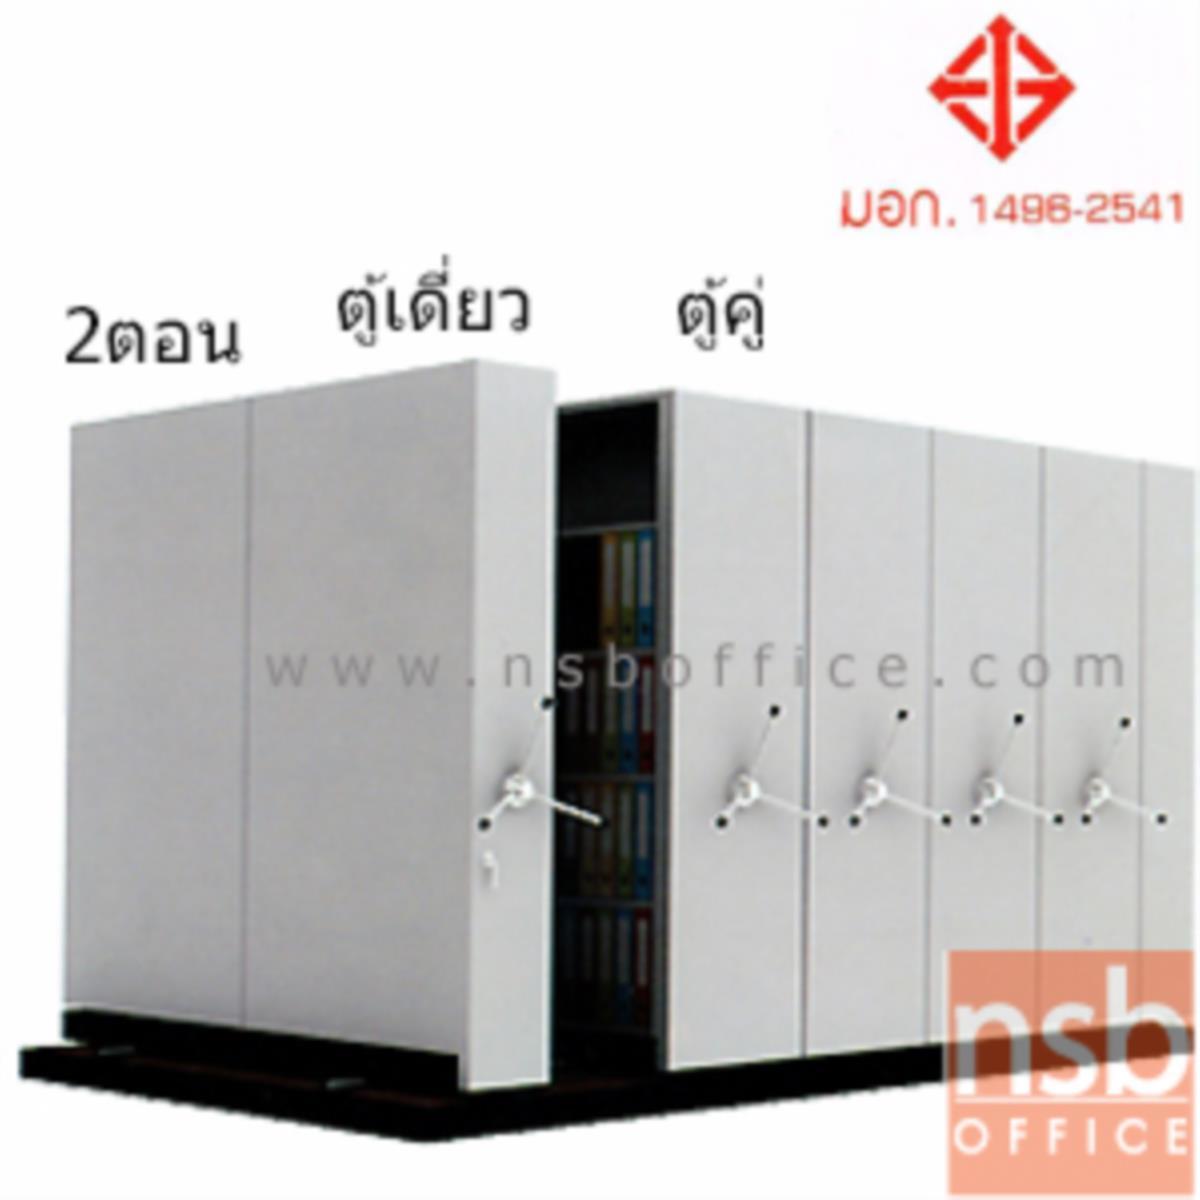 D02A009:ตู้รางเลื่อนแบบพวงมาลัย  2 ตอน  100+100D cm ขนาด 6, 8, 10, 12, 14, 16 ตู้ (มอก.1496-2541)